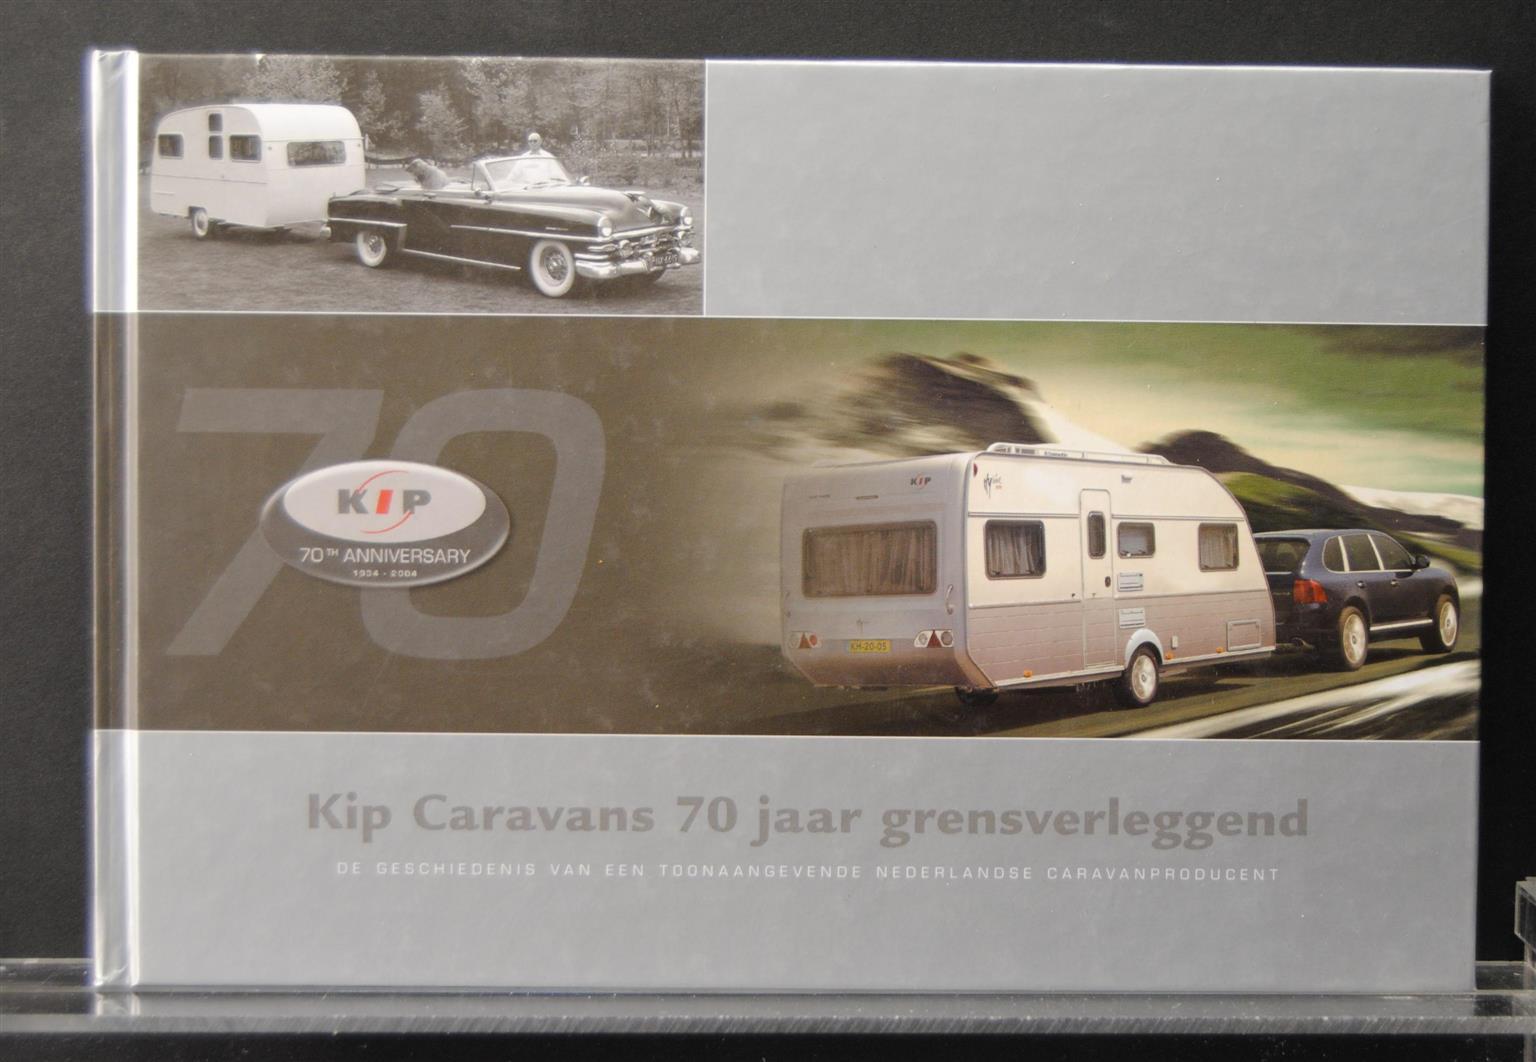 Roos, Maarten de., Beek, Adriaan van - Kip caravans 70 jaar